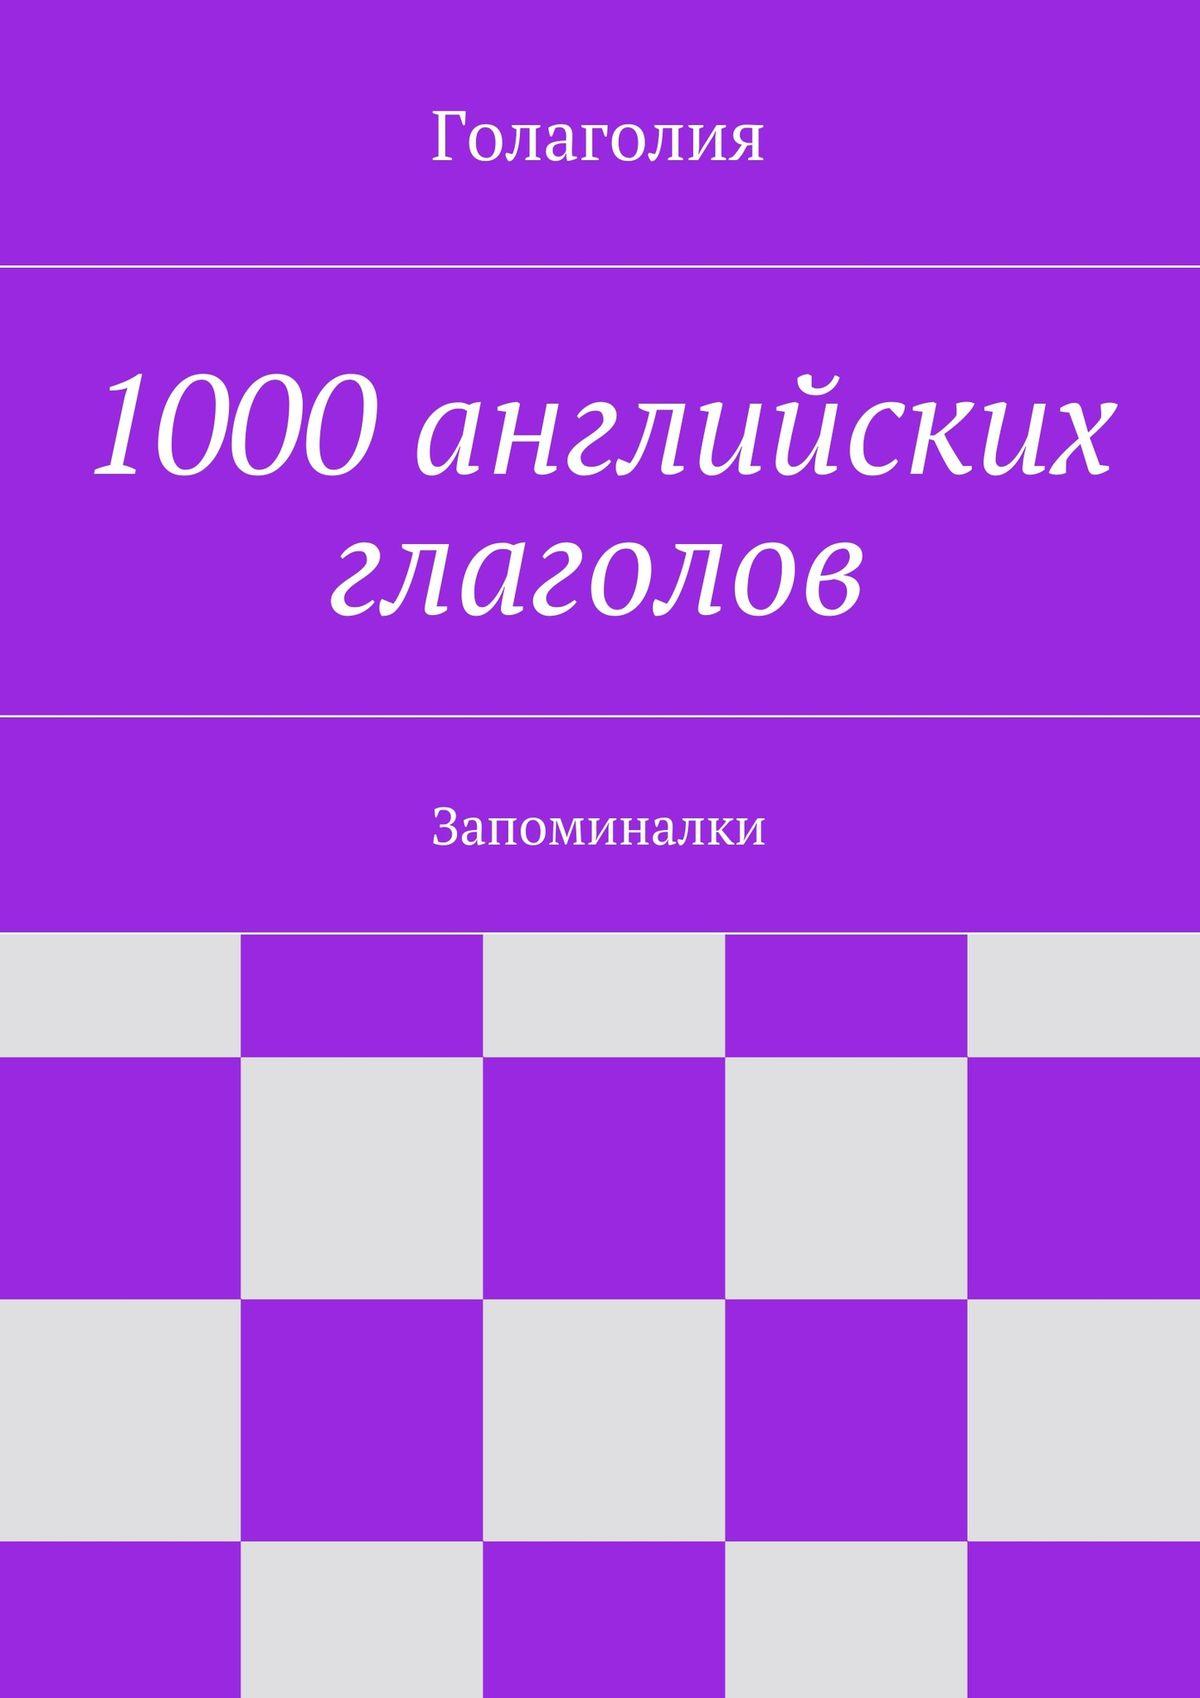 Голаголия 1000английских глаголов. Запоминалки таблицы английских глаголов 120 глаголов